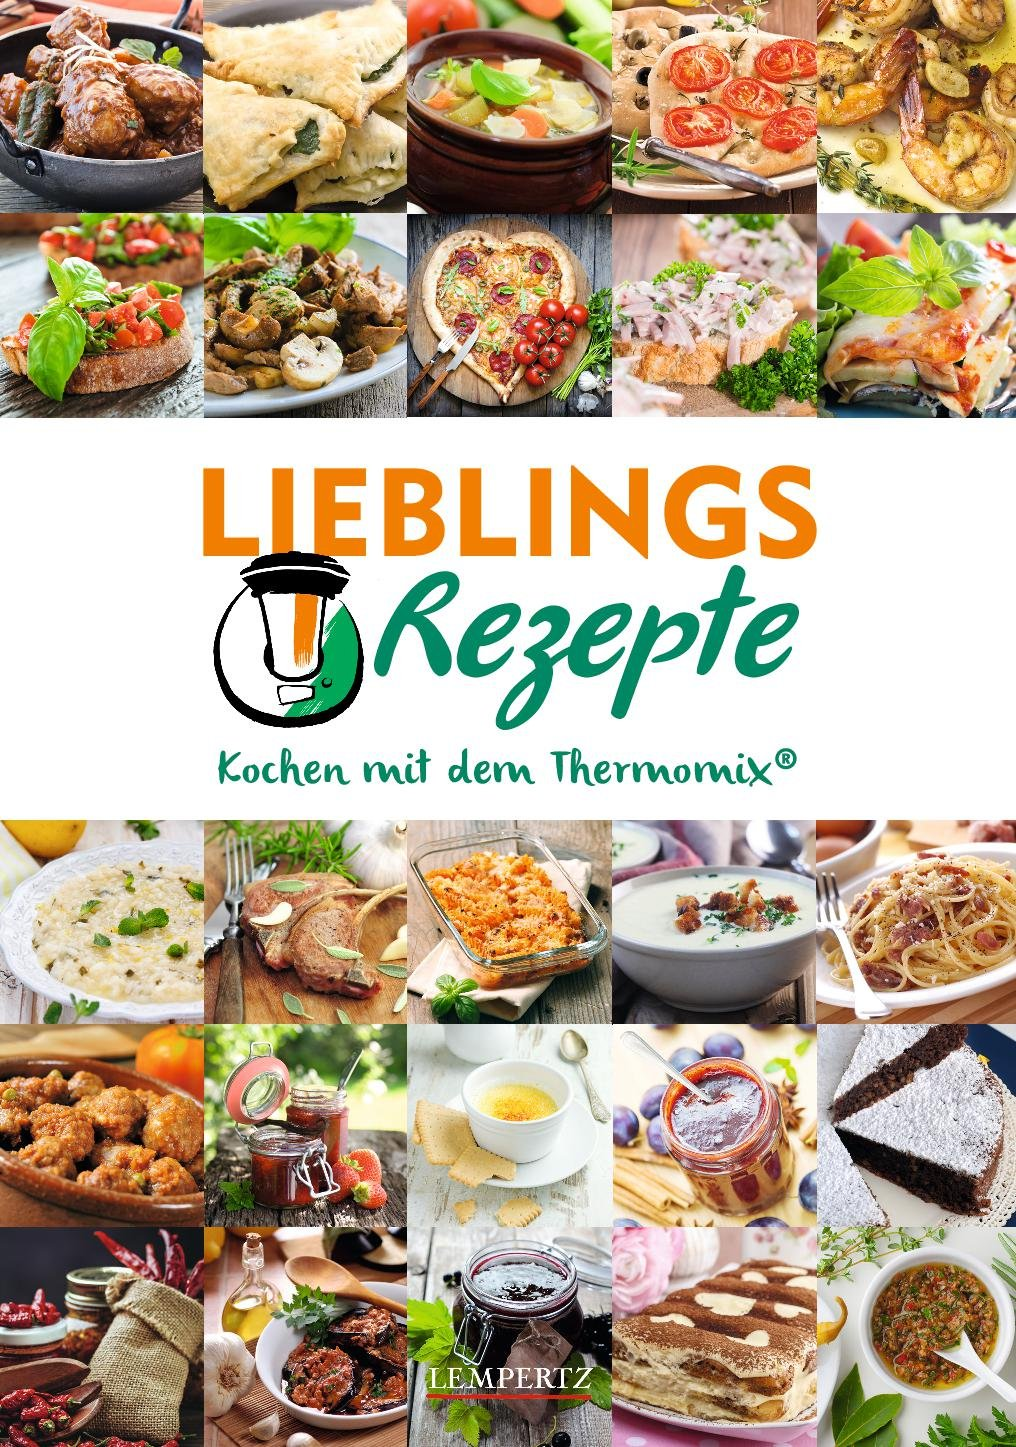 Lieblingsrezepte: Kochen mit dem Thermomix - An...